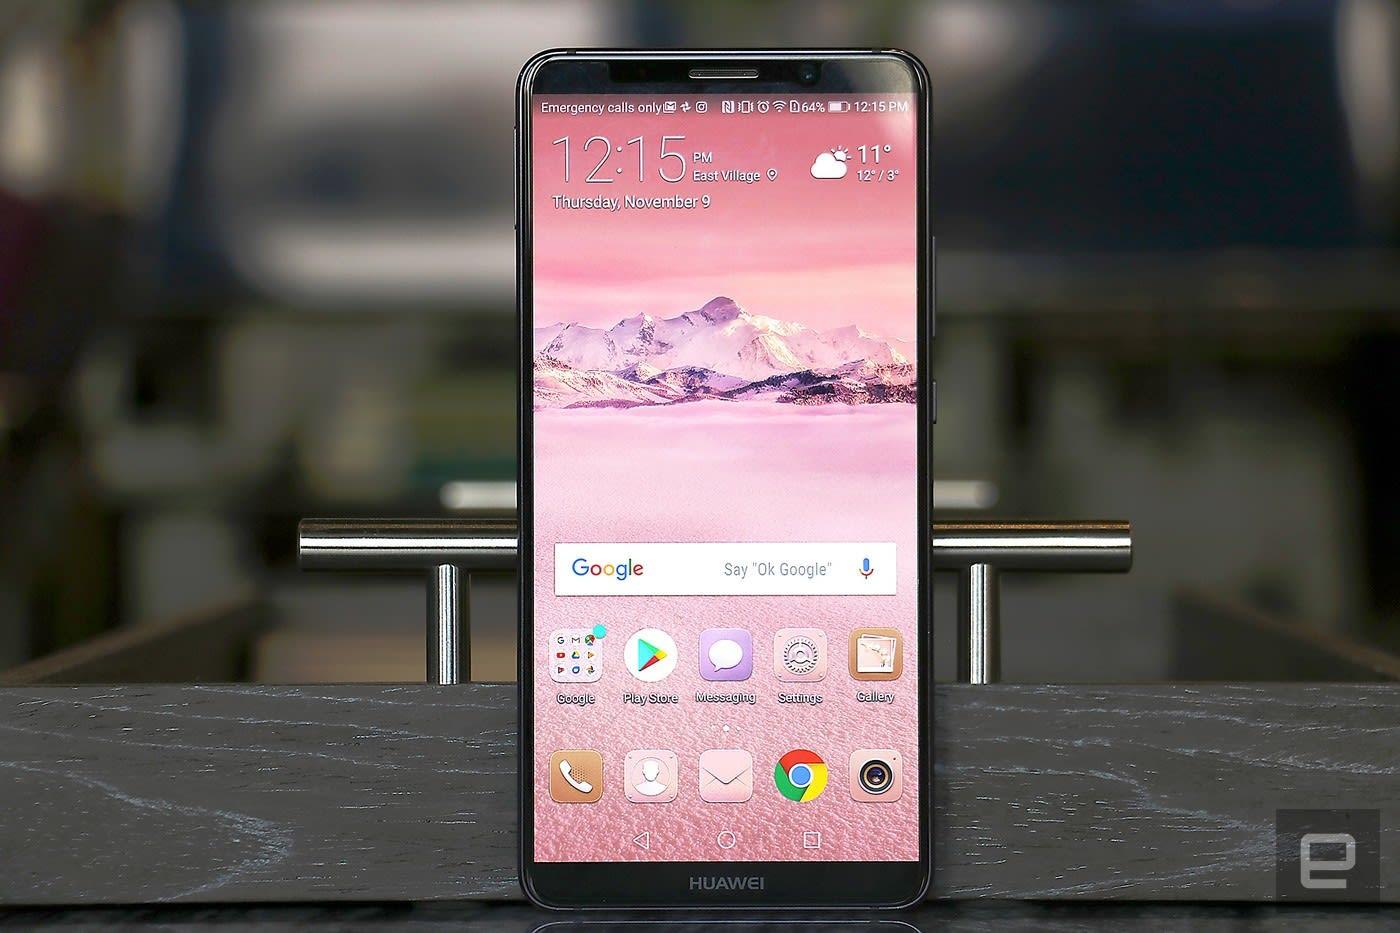 Best Buy has 'ceased ordering' Huawei smartphones